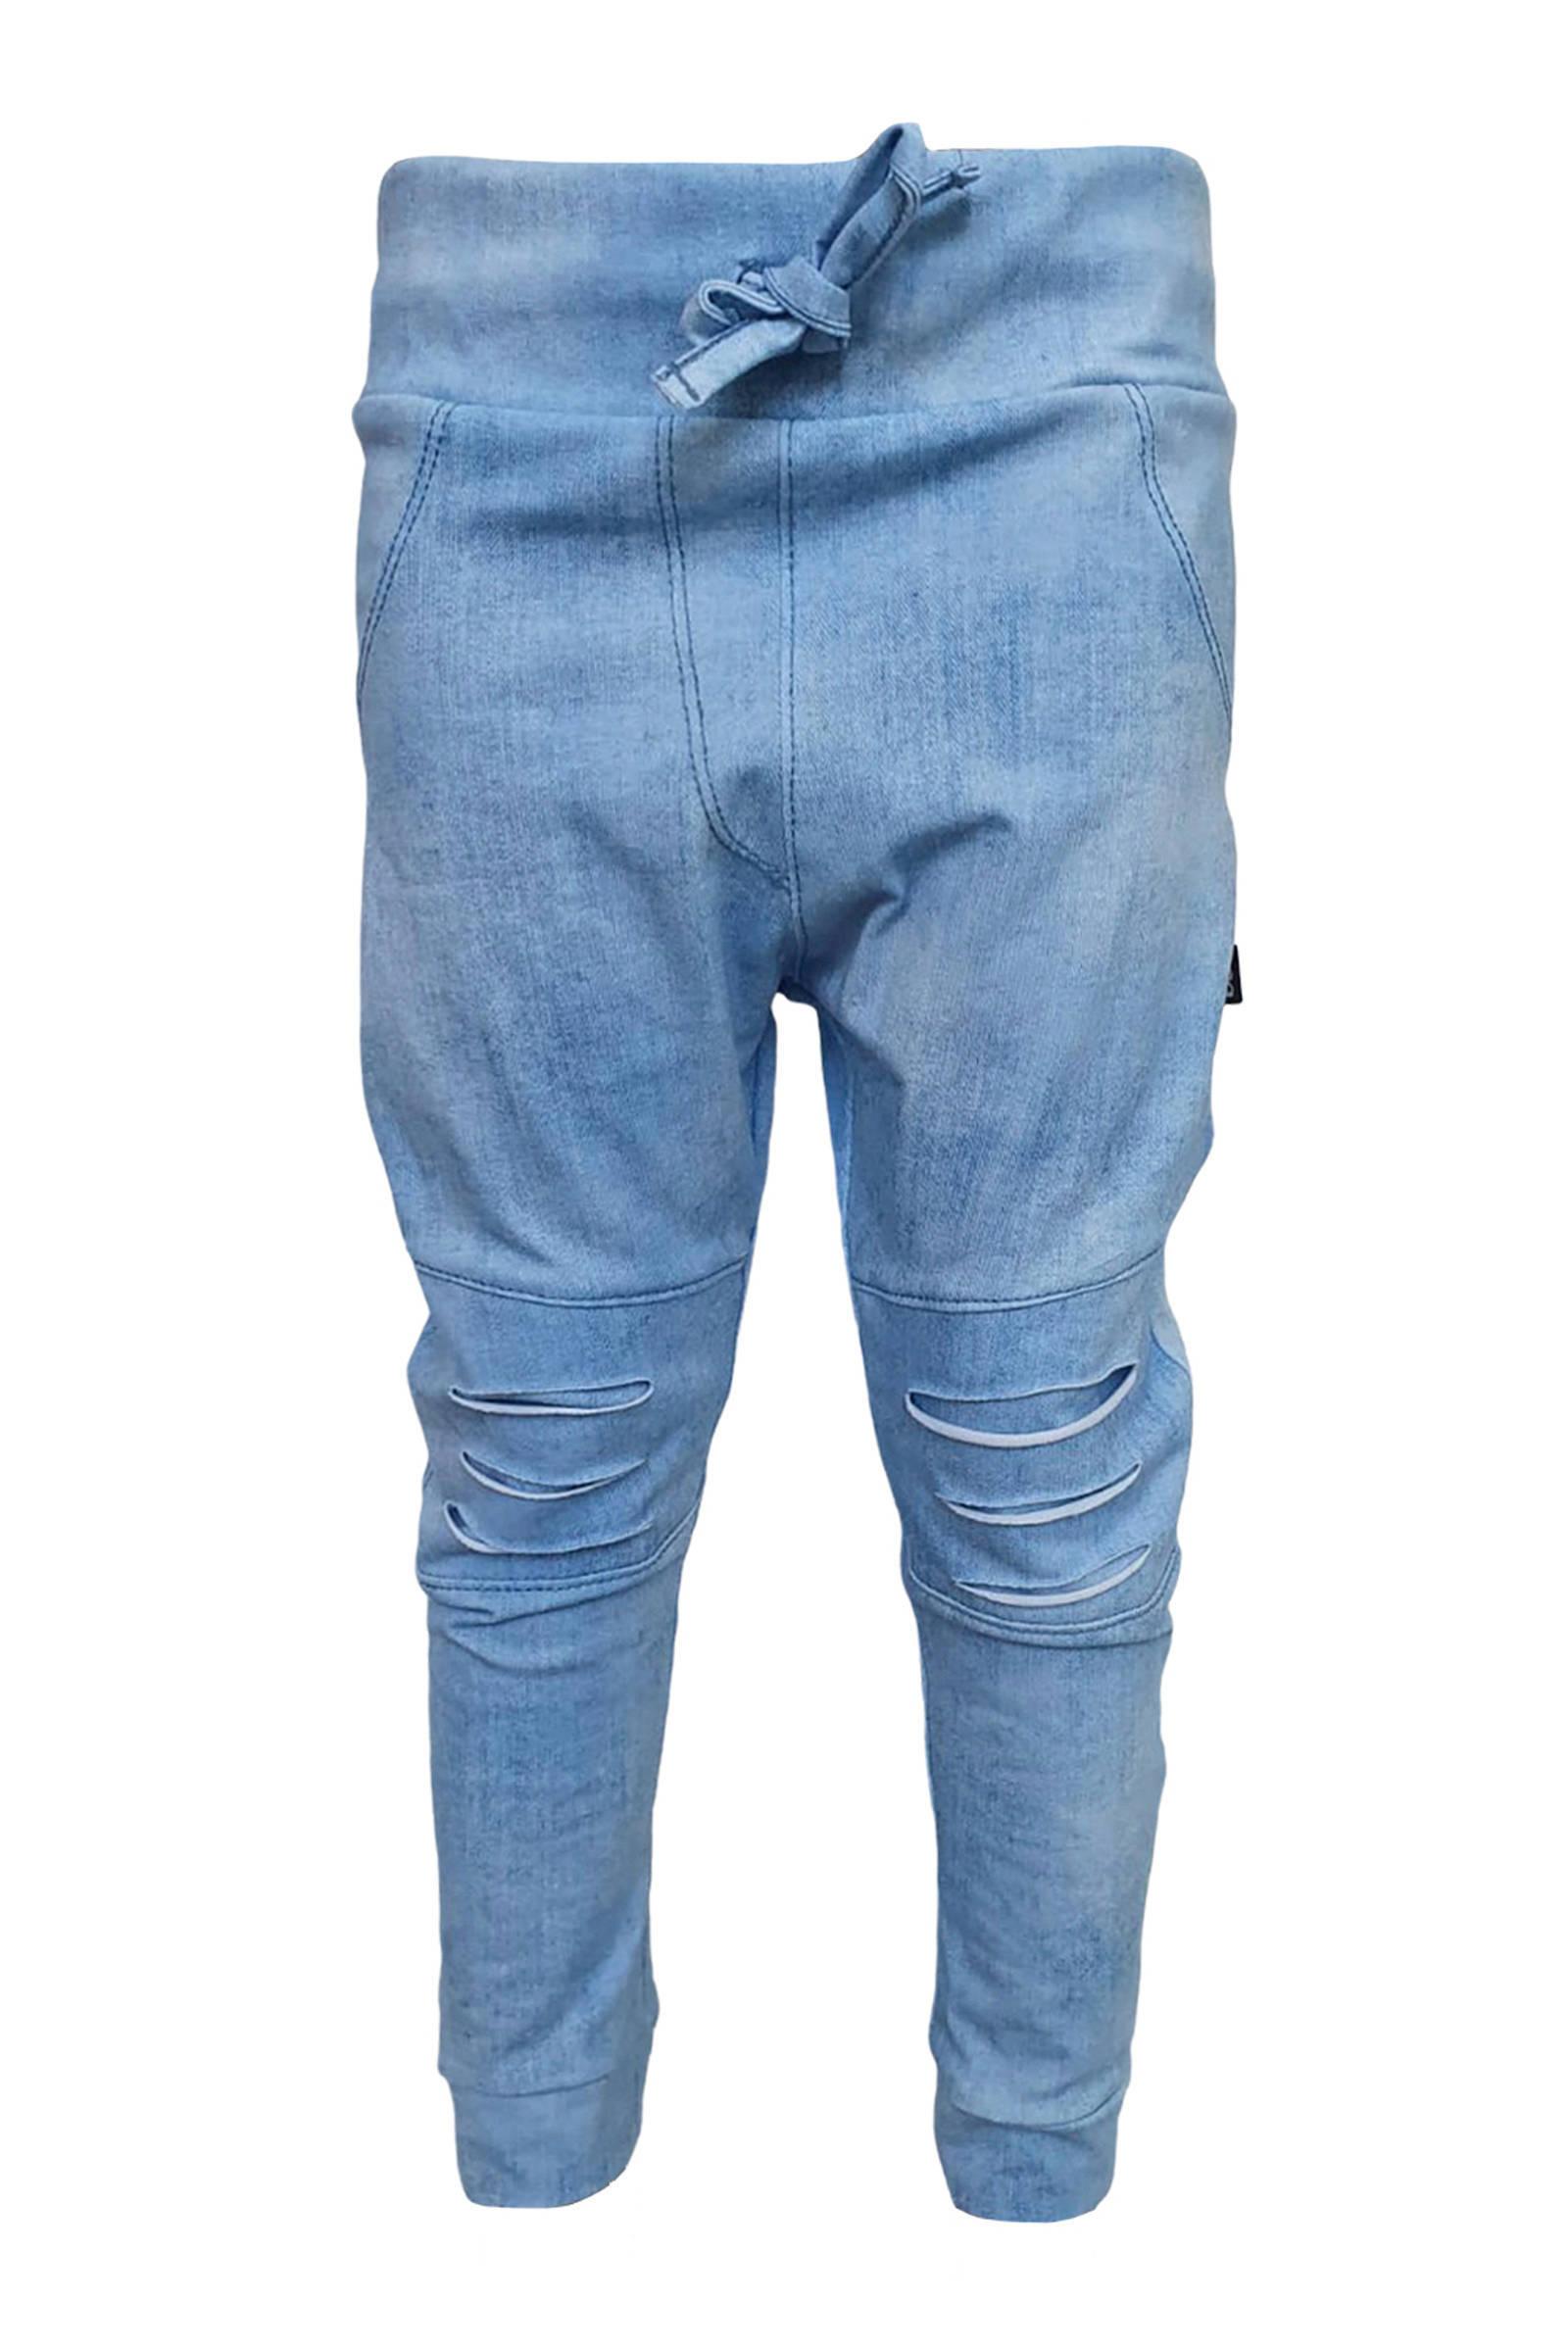 Babystyling broeken jongens bij wehkamp Gratis bezorging